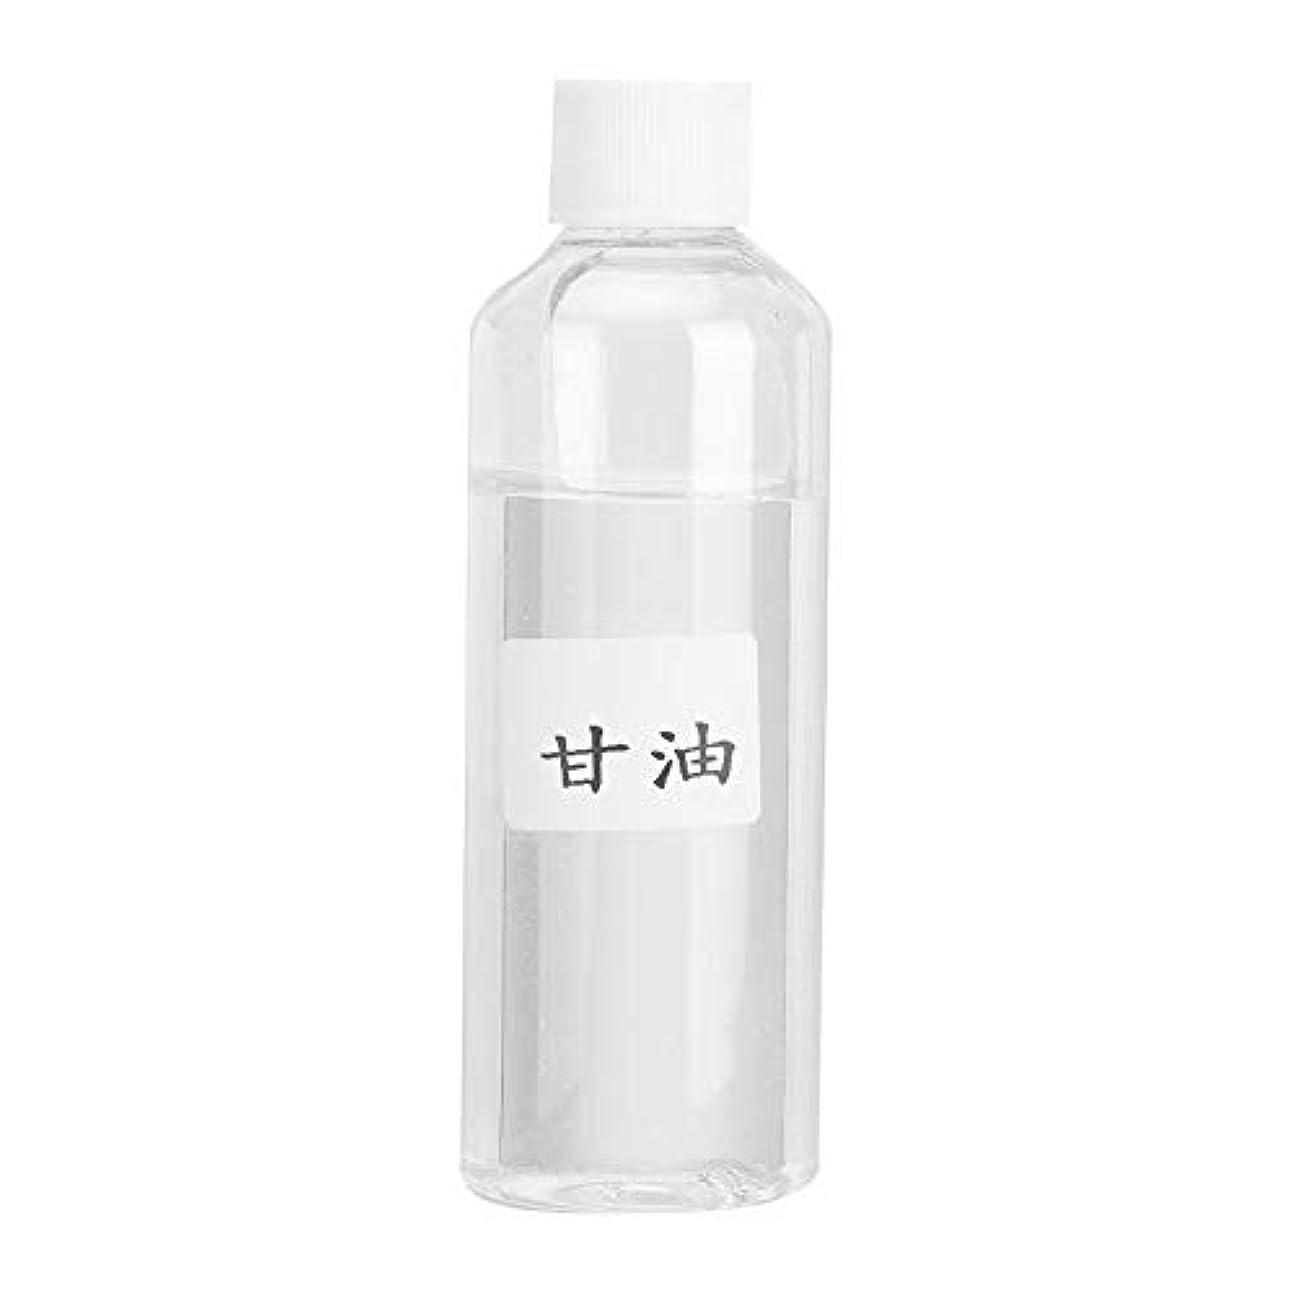 血まみれ重要性トラクター化粧品原料 化粧品DIY原料 グリセロール植物水分原料を作る